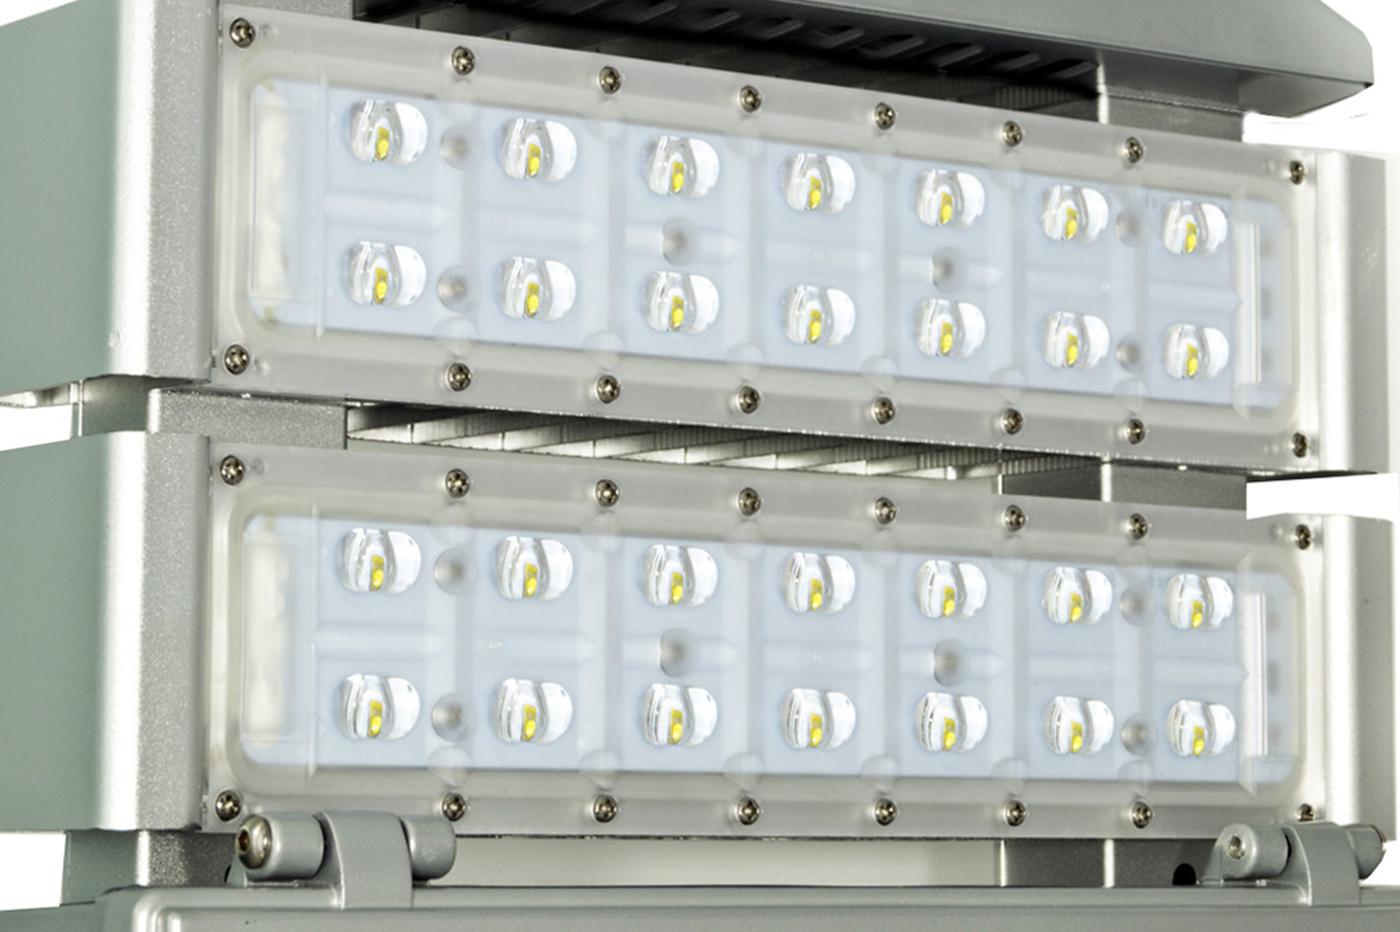 Plafoniere Per Lampioni Stradali : Bes 16950 illuminazione industriale beselettronica lampione